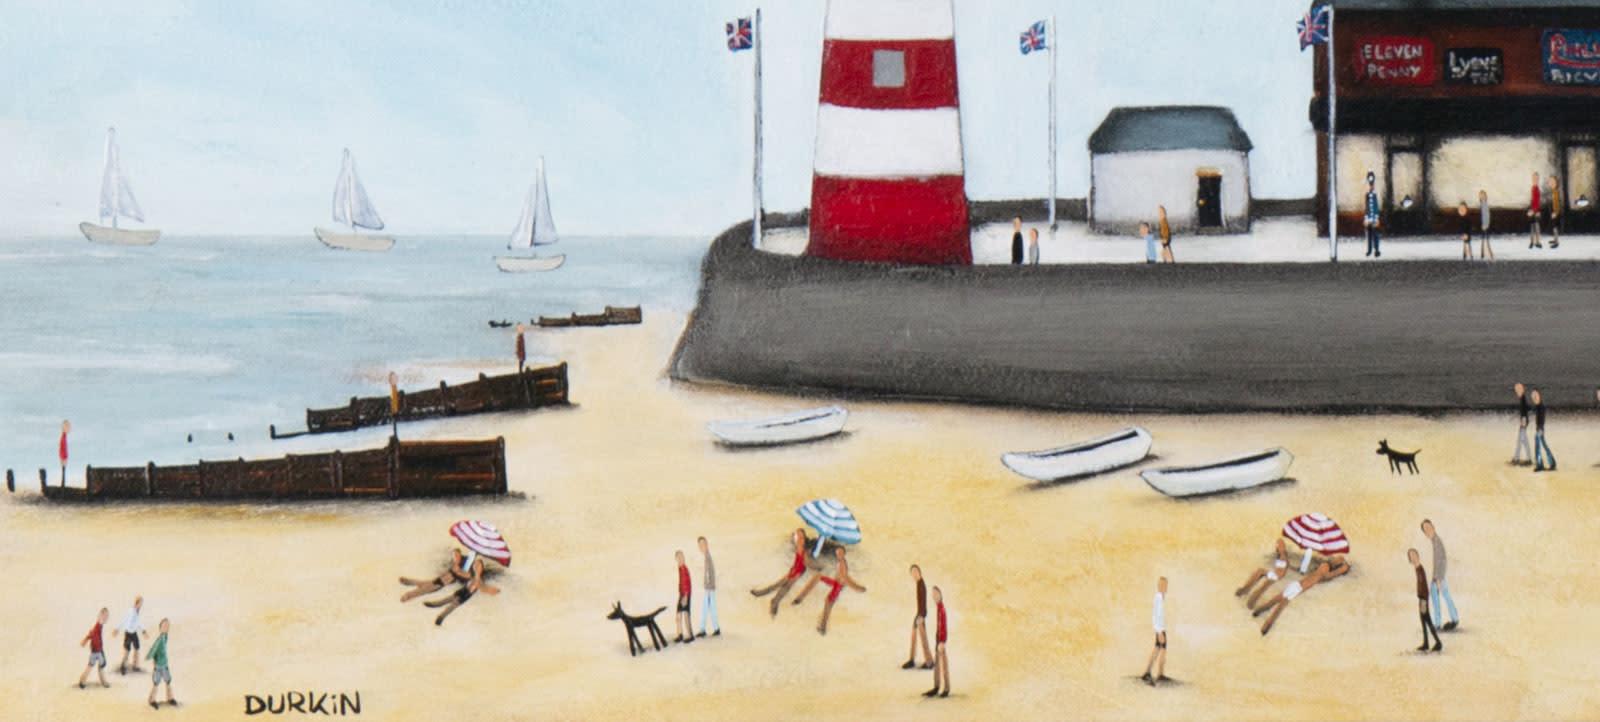 The Beach & The Lighthouse